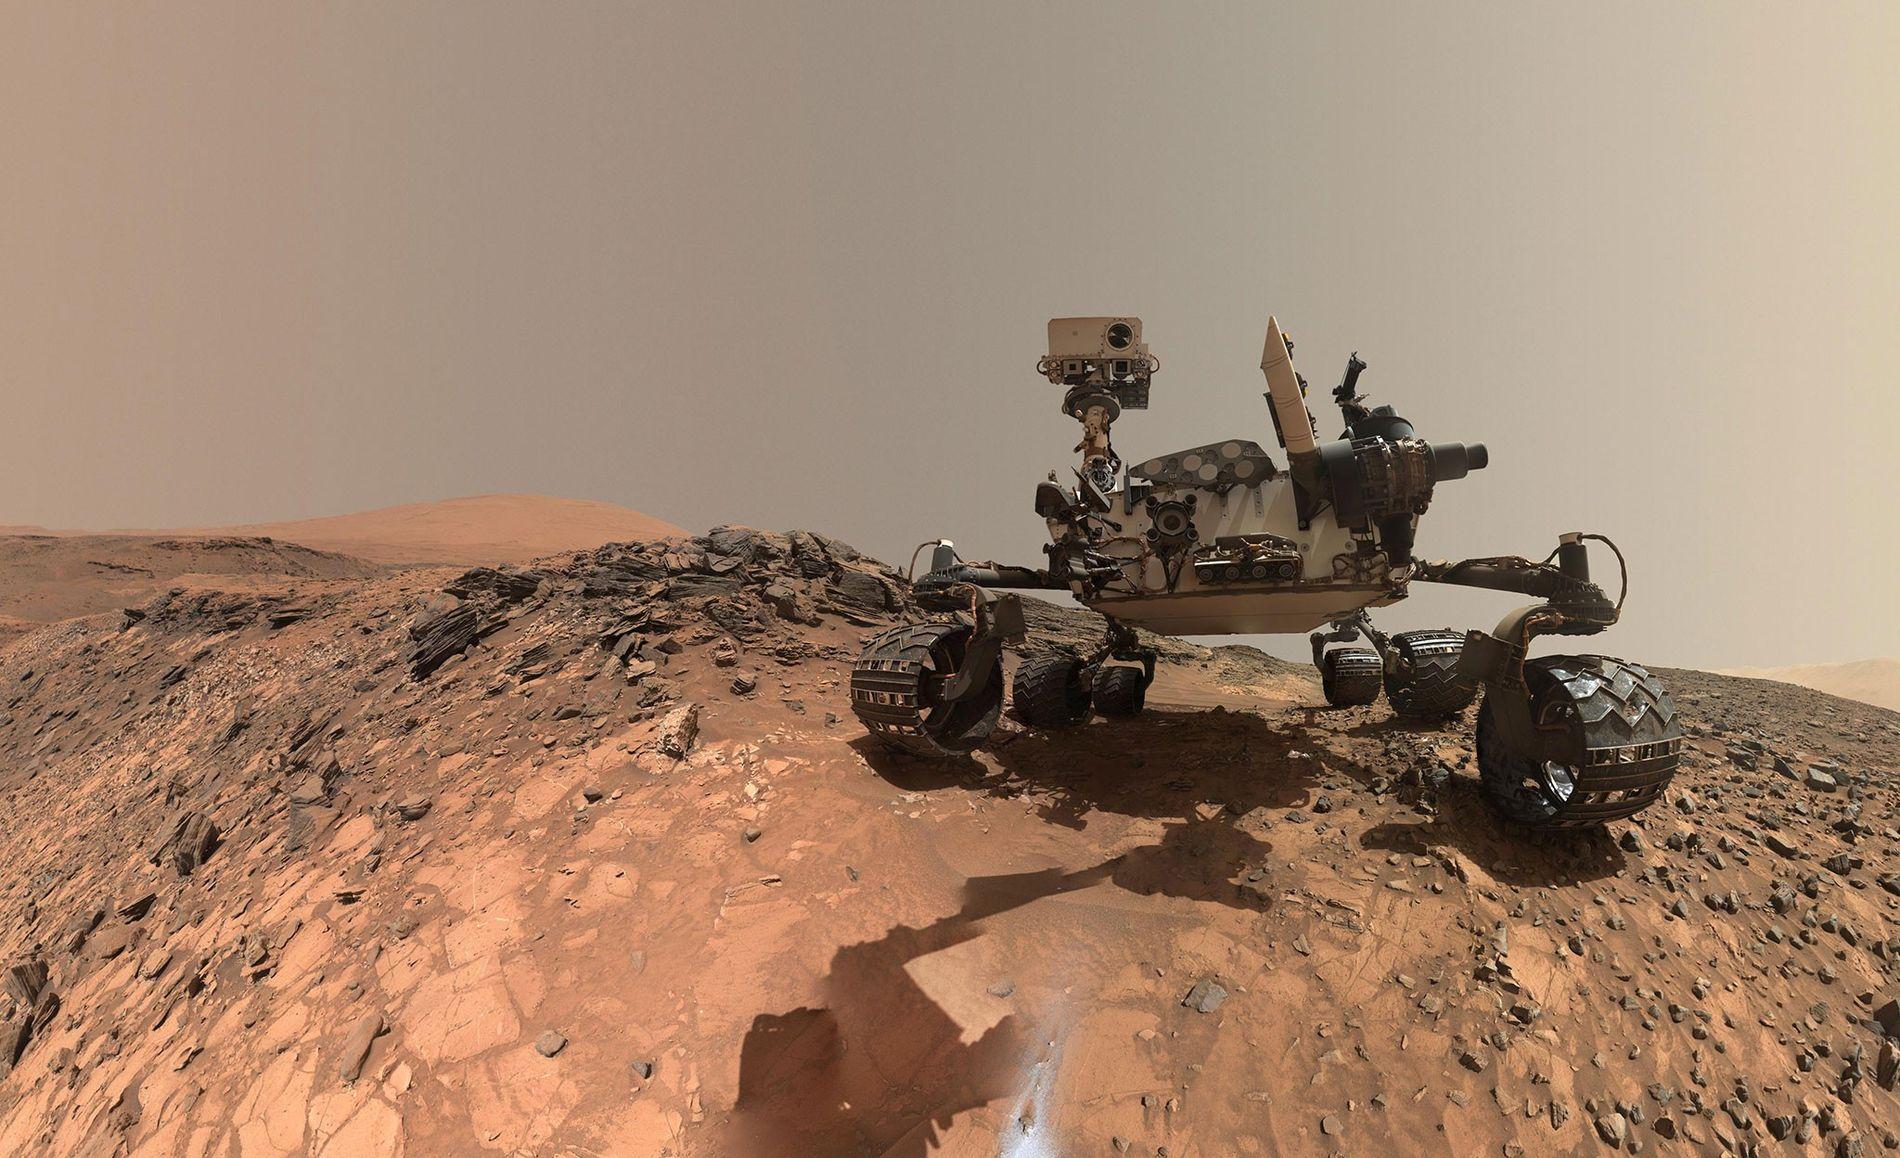 Le rover Curiosity envoyé sur Mars par la NASA prend la pose dans la partie inférieure ...